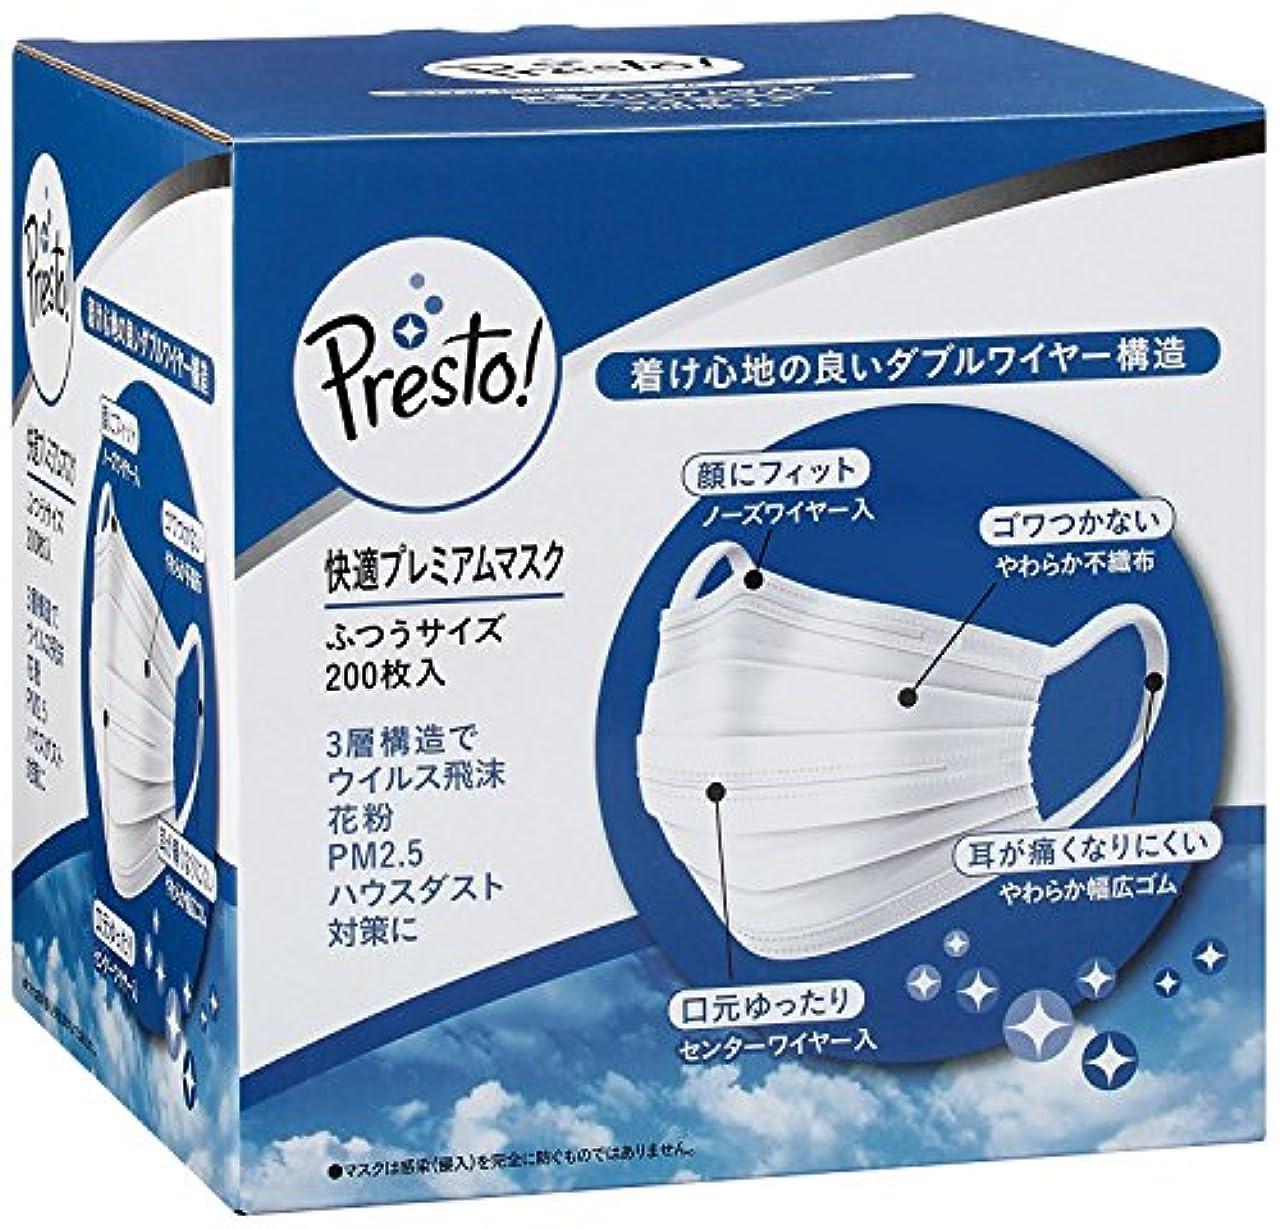 同じ無限サーフィン[Amazonブランド]Presto! マスク ふつうサイズ 200枚(50枚×4パック) PM2.5対応